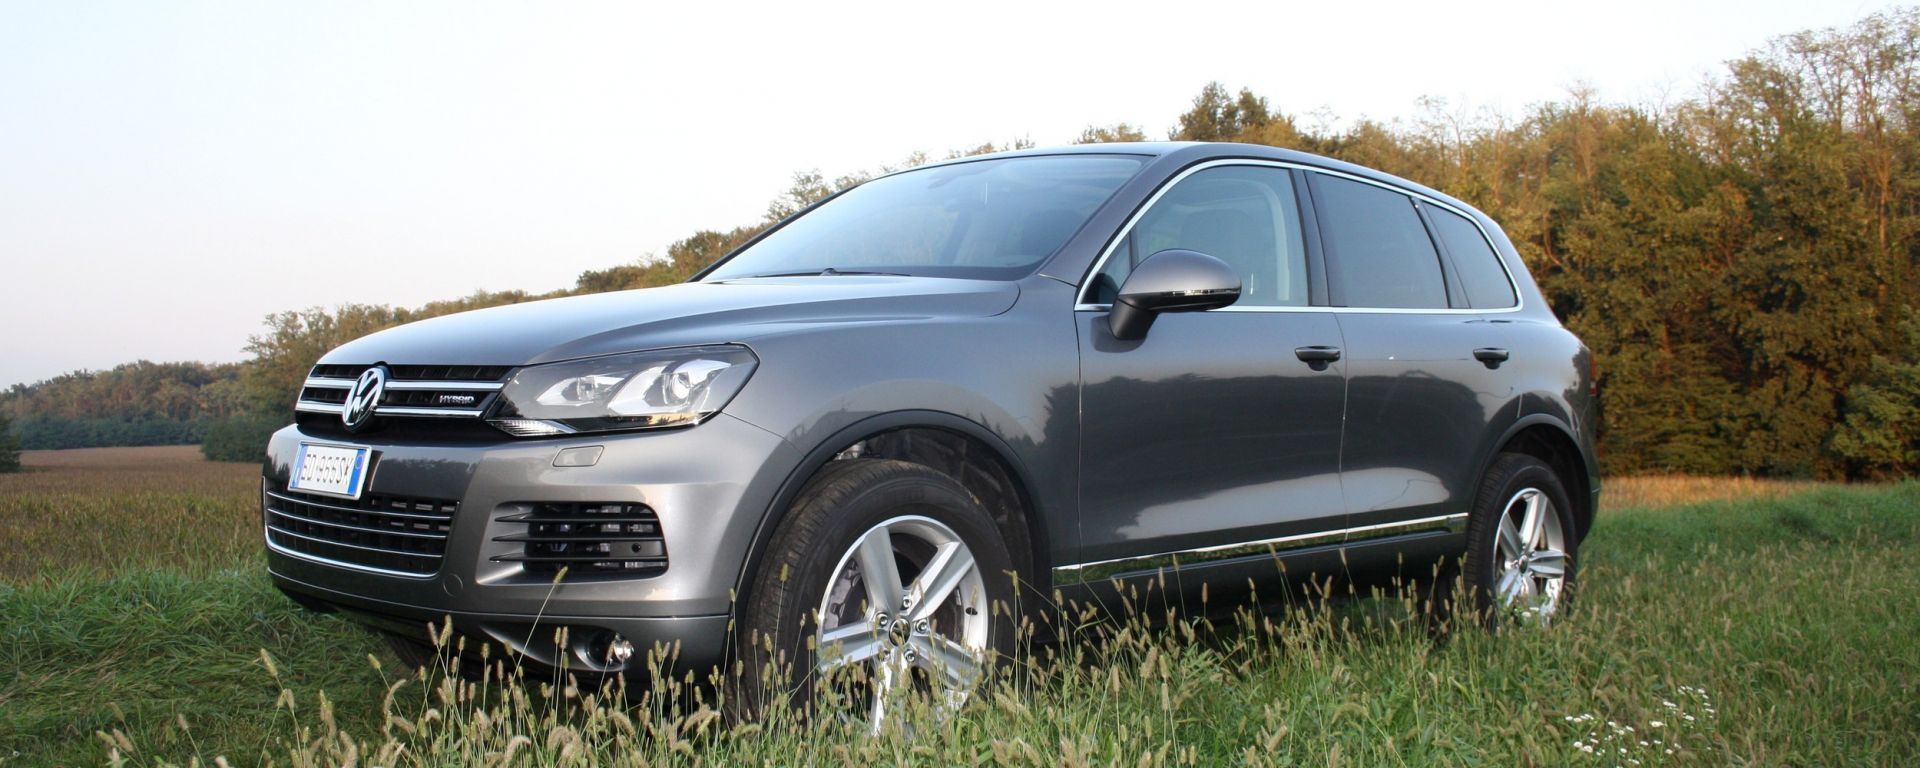 Volkswagen Touareg 3.0 TSI Hybrid